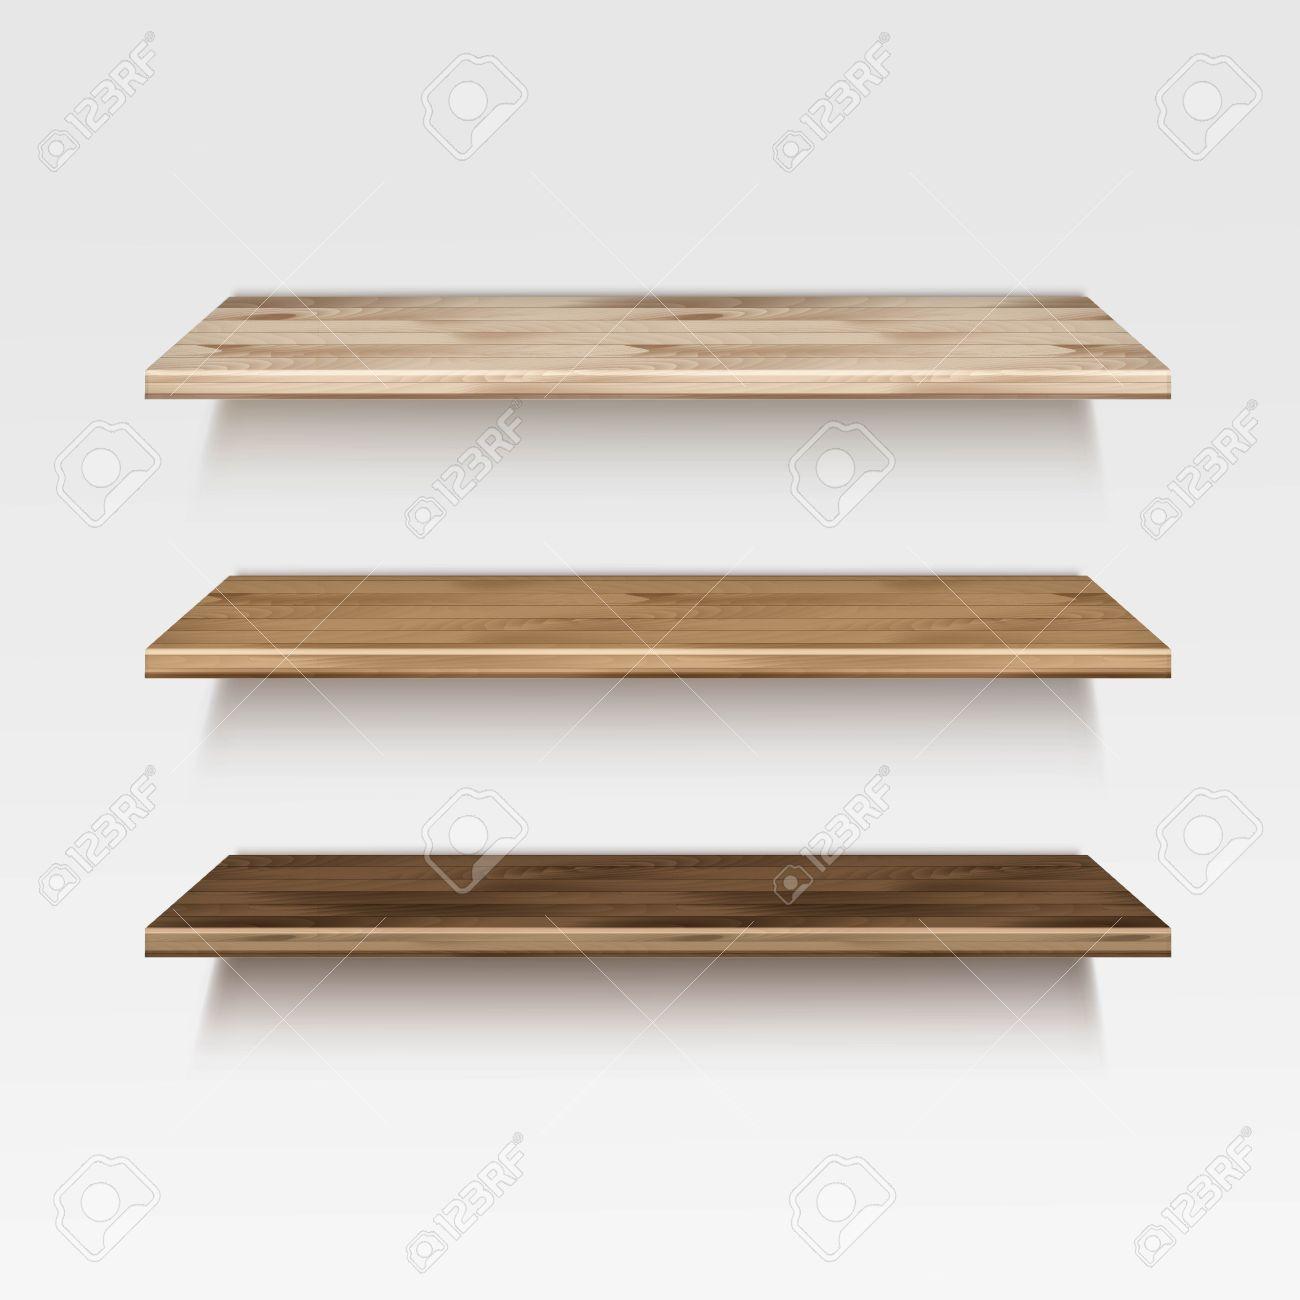 Houten Plank Voor Aan Muur.Lege Houten Houten Plank Planken Geisoleerd Op Achtergrond Van De